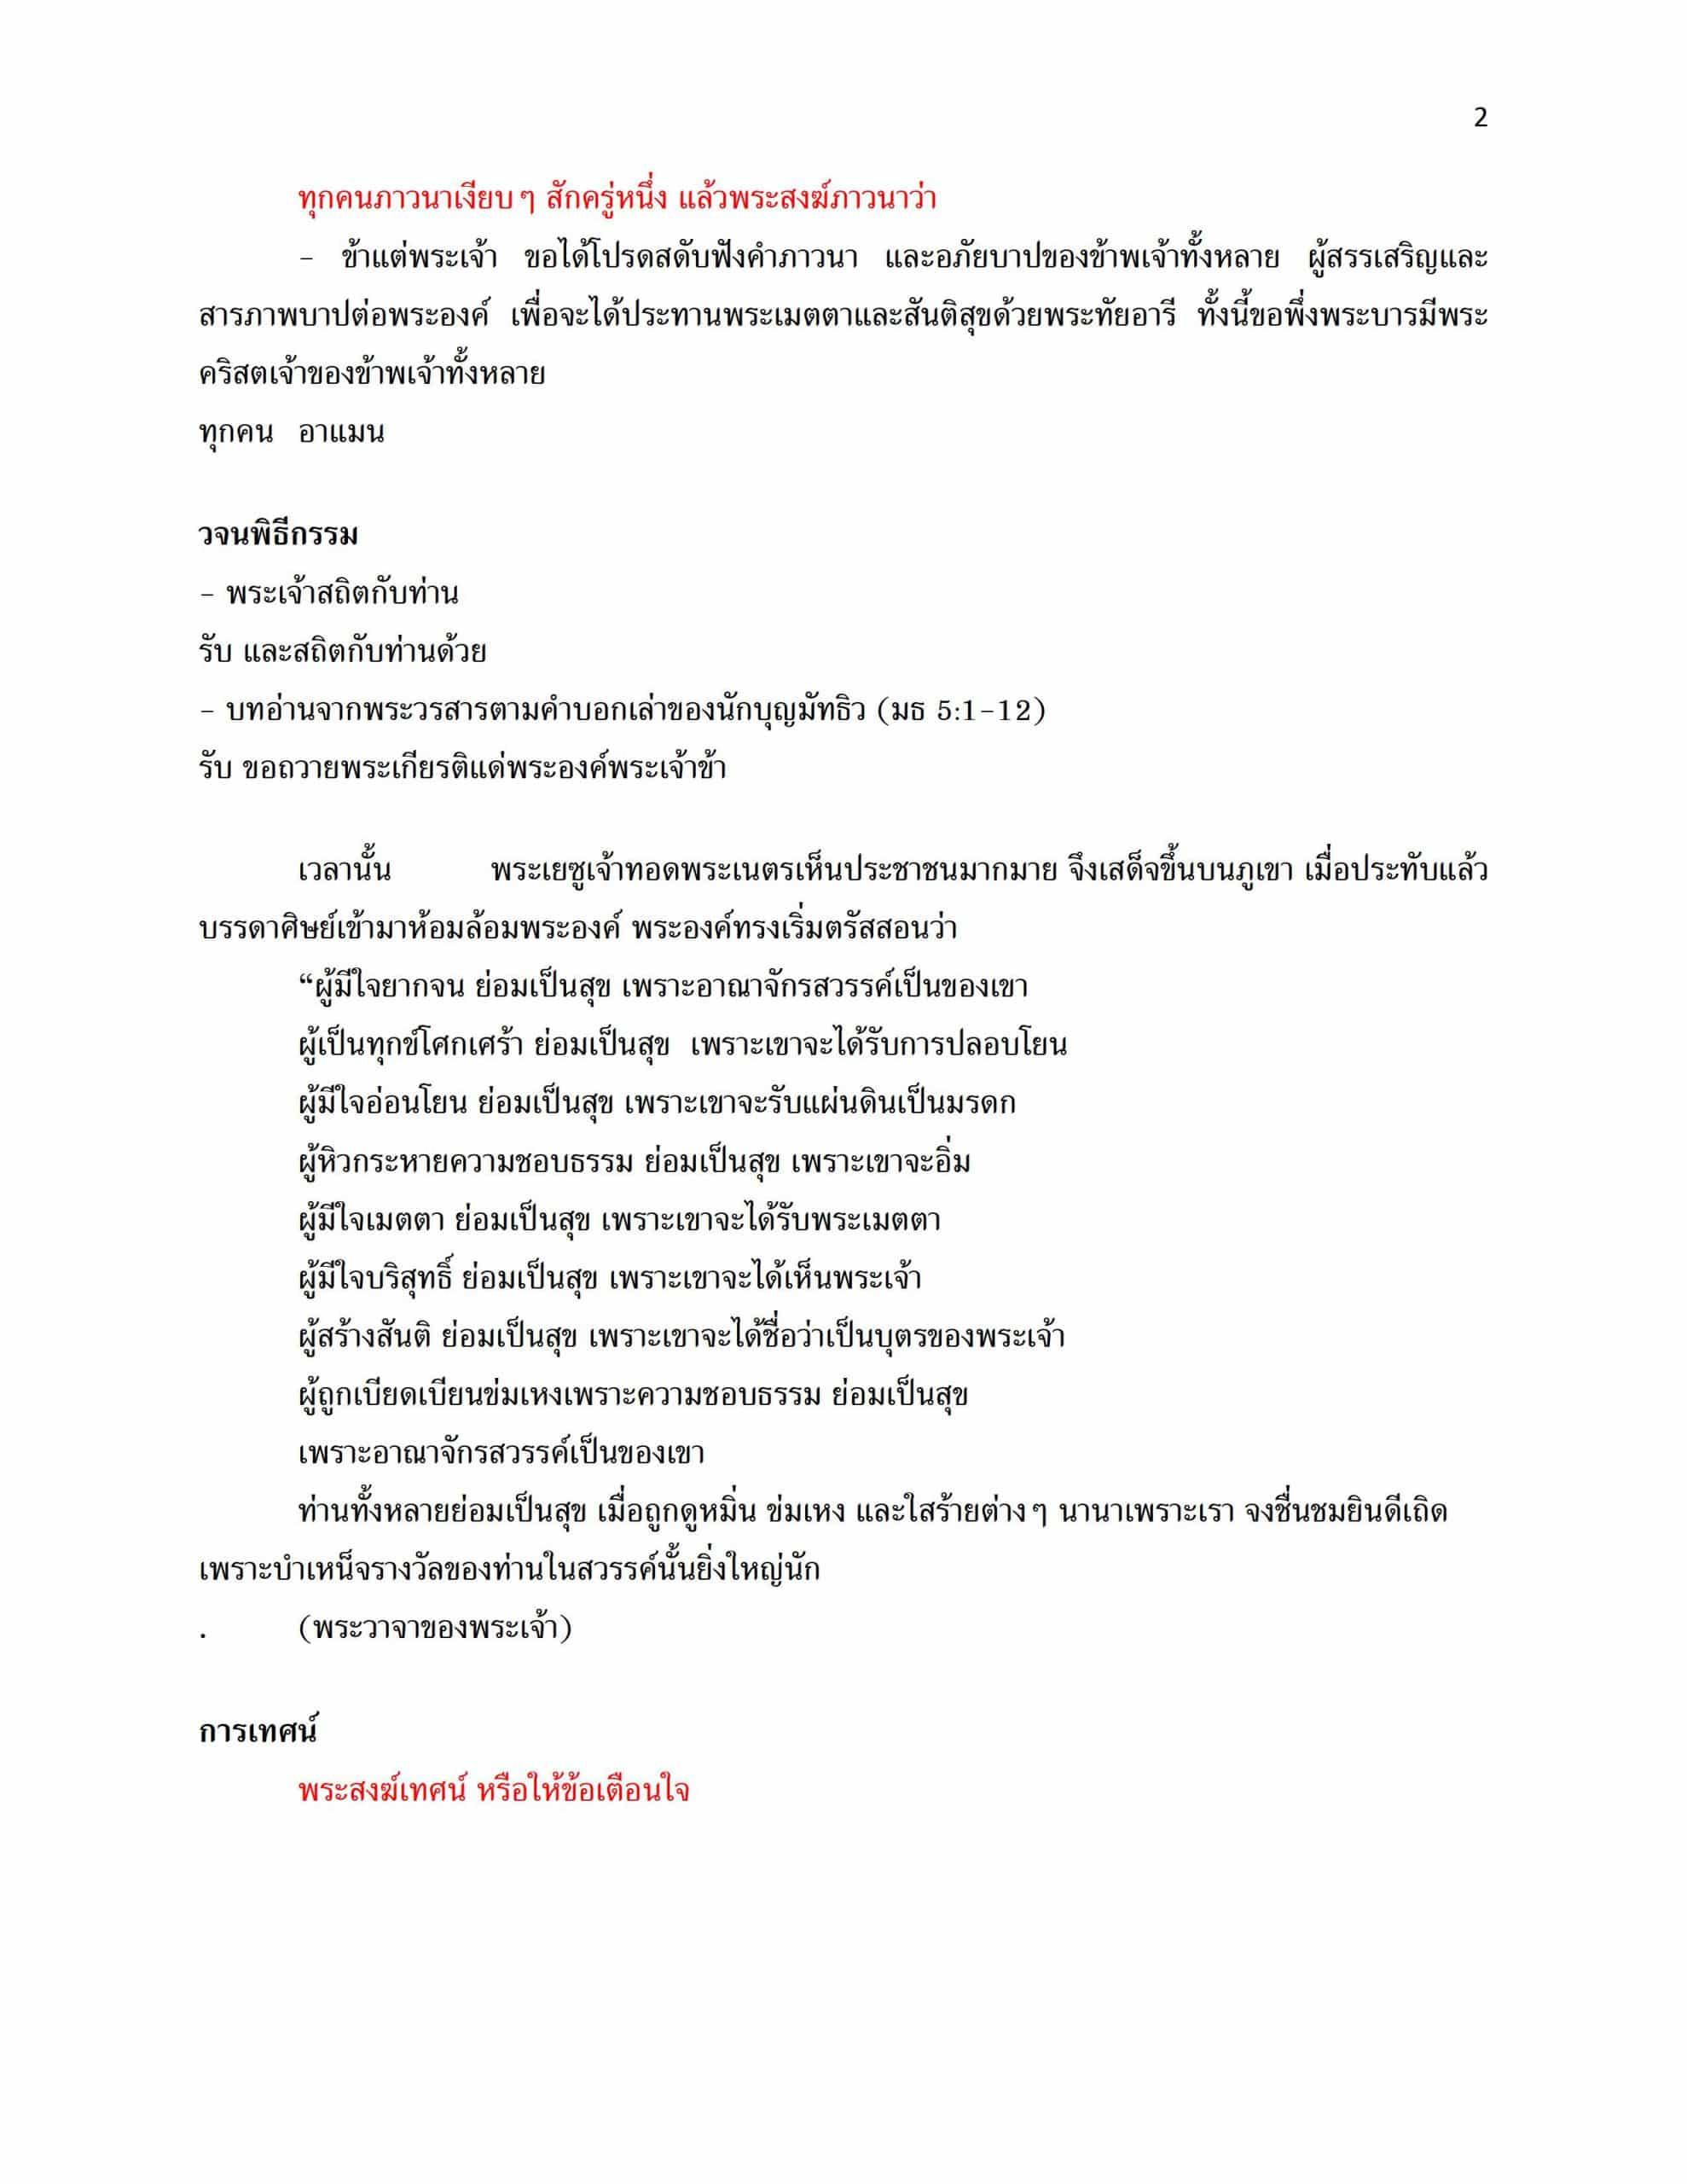 สาสน์อภิบาล เลขที่ สสท. 032-2020 (10)